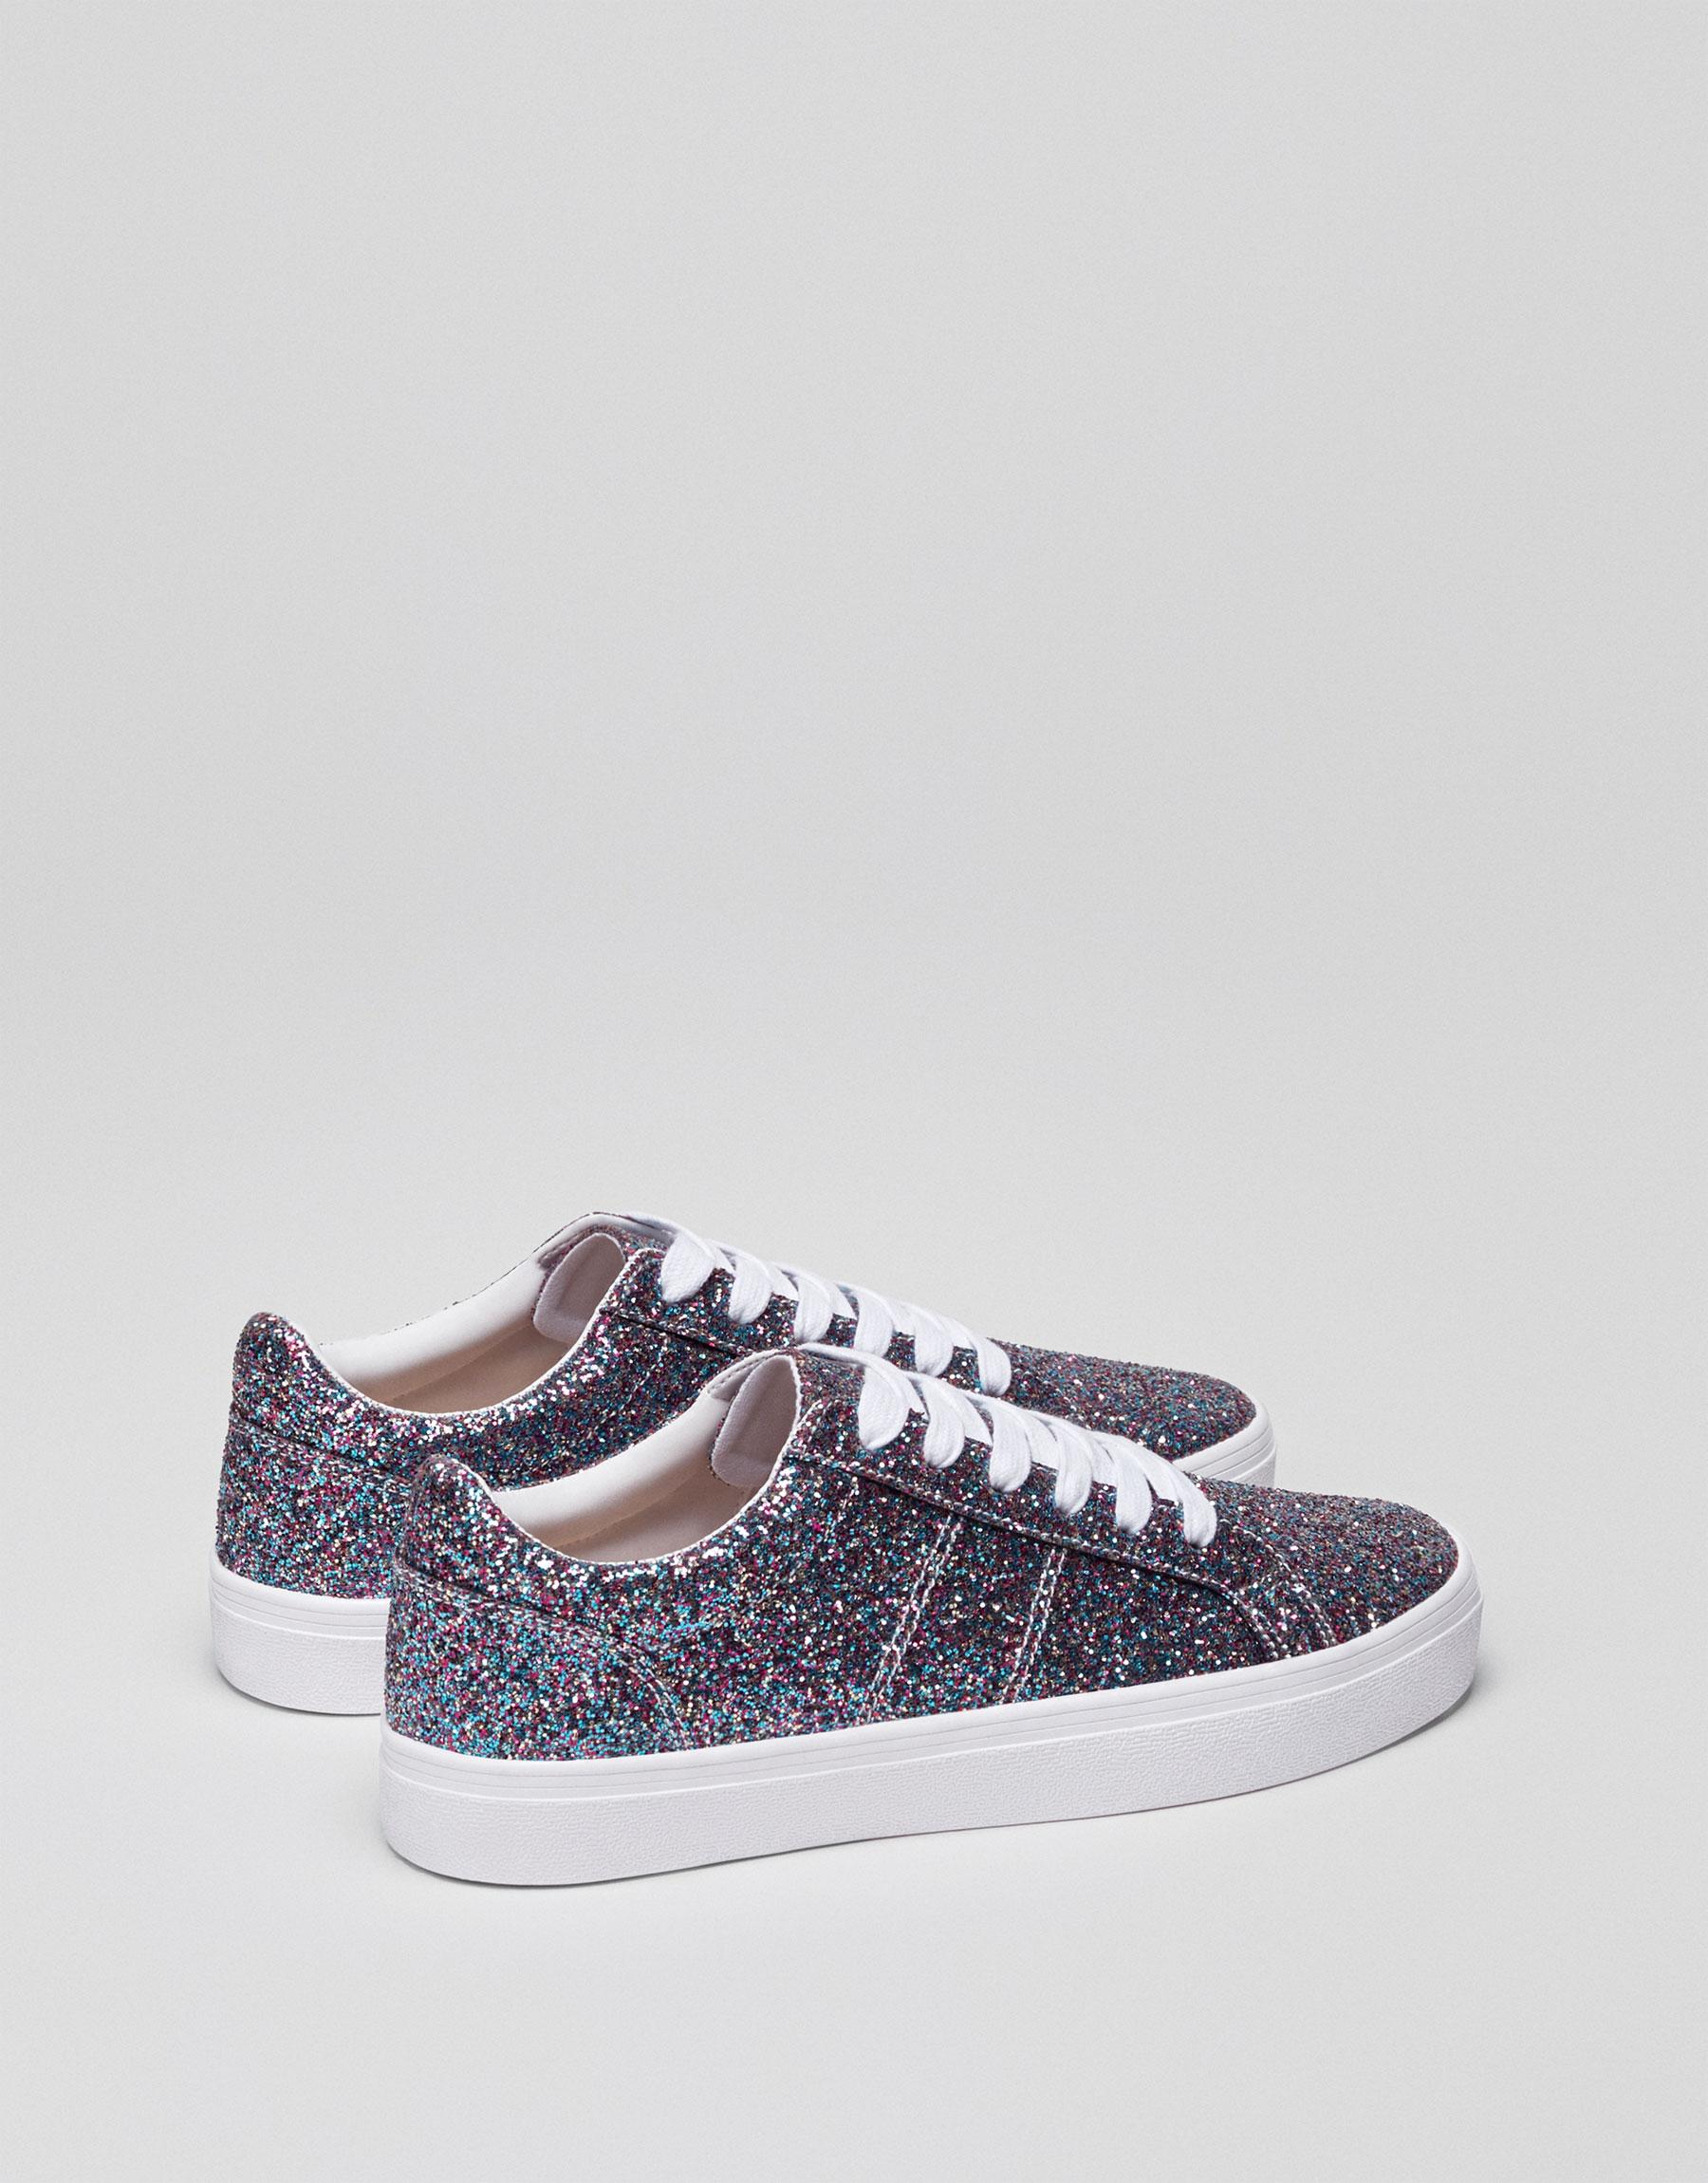 Glittery street sneakers